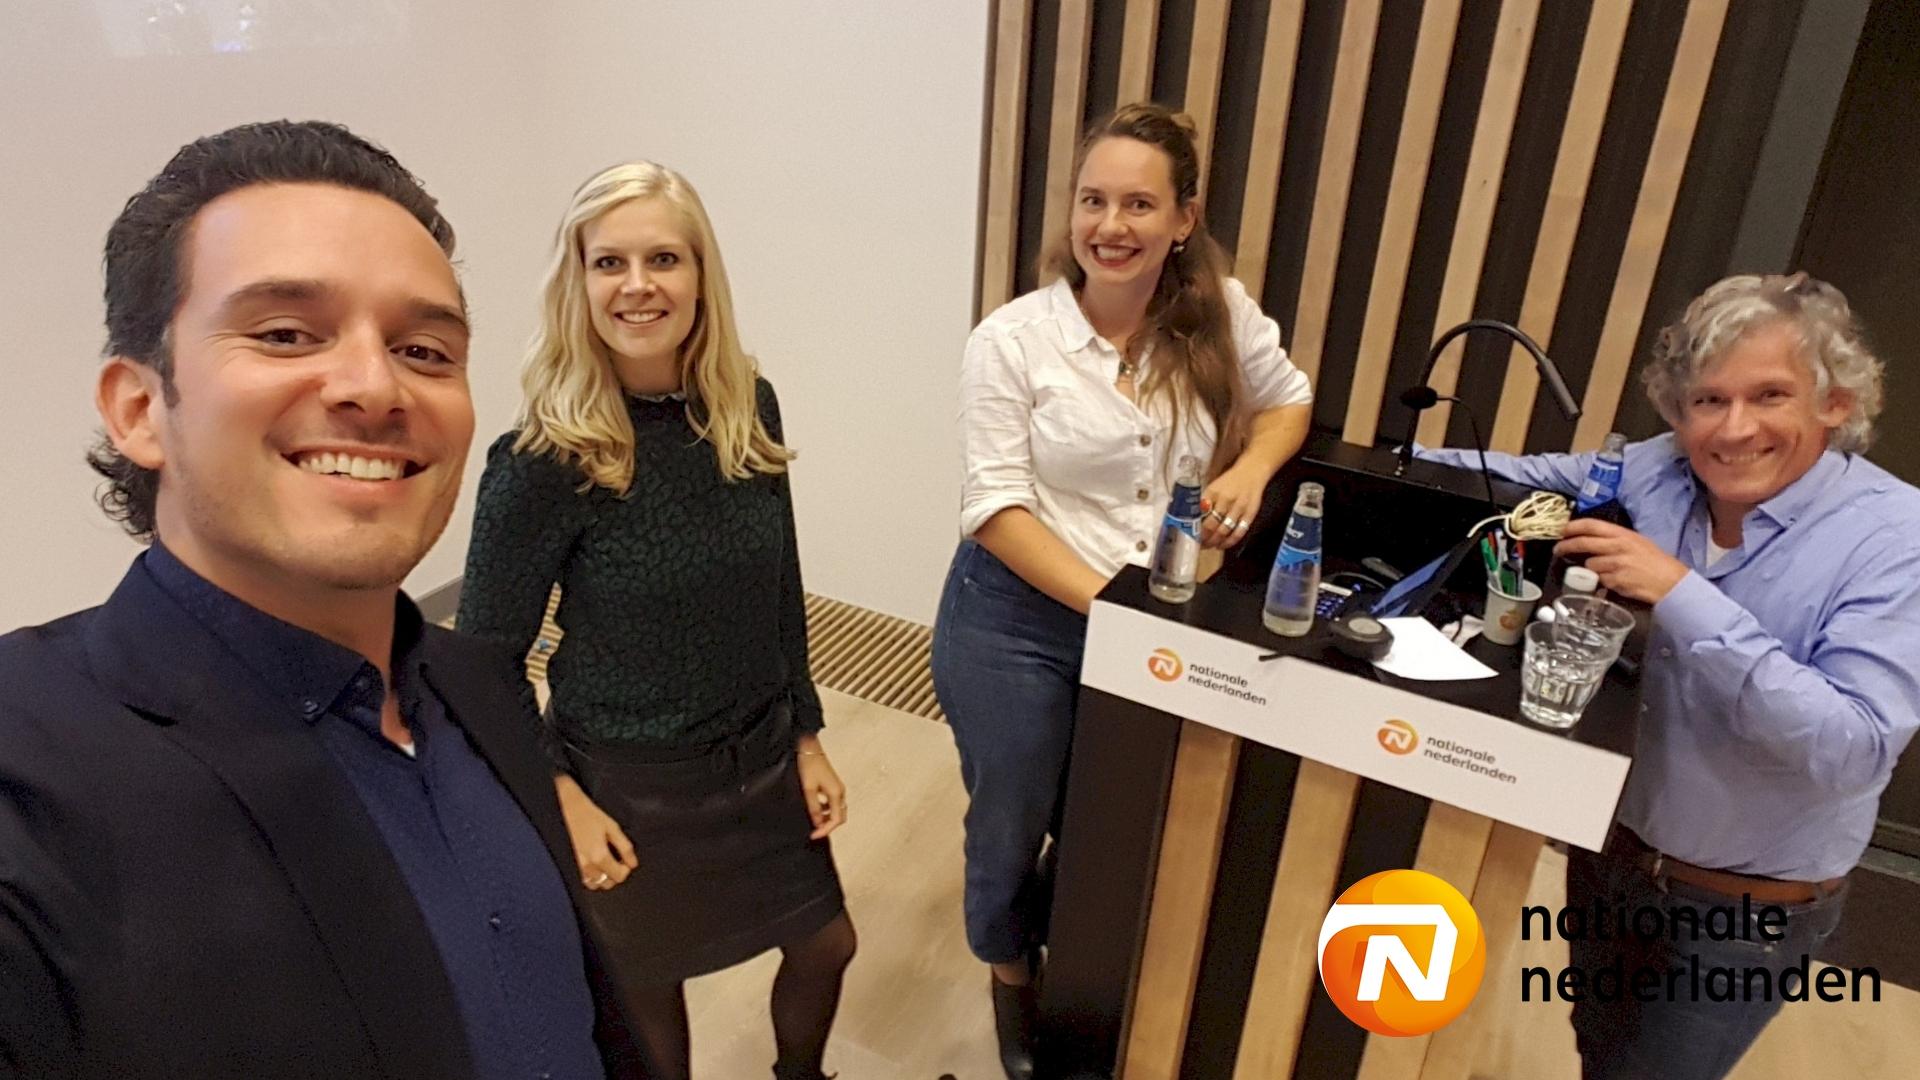 Nationale Nederlanden - Communicatie - Jerry van Staveren